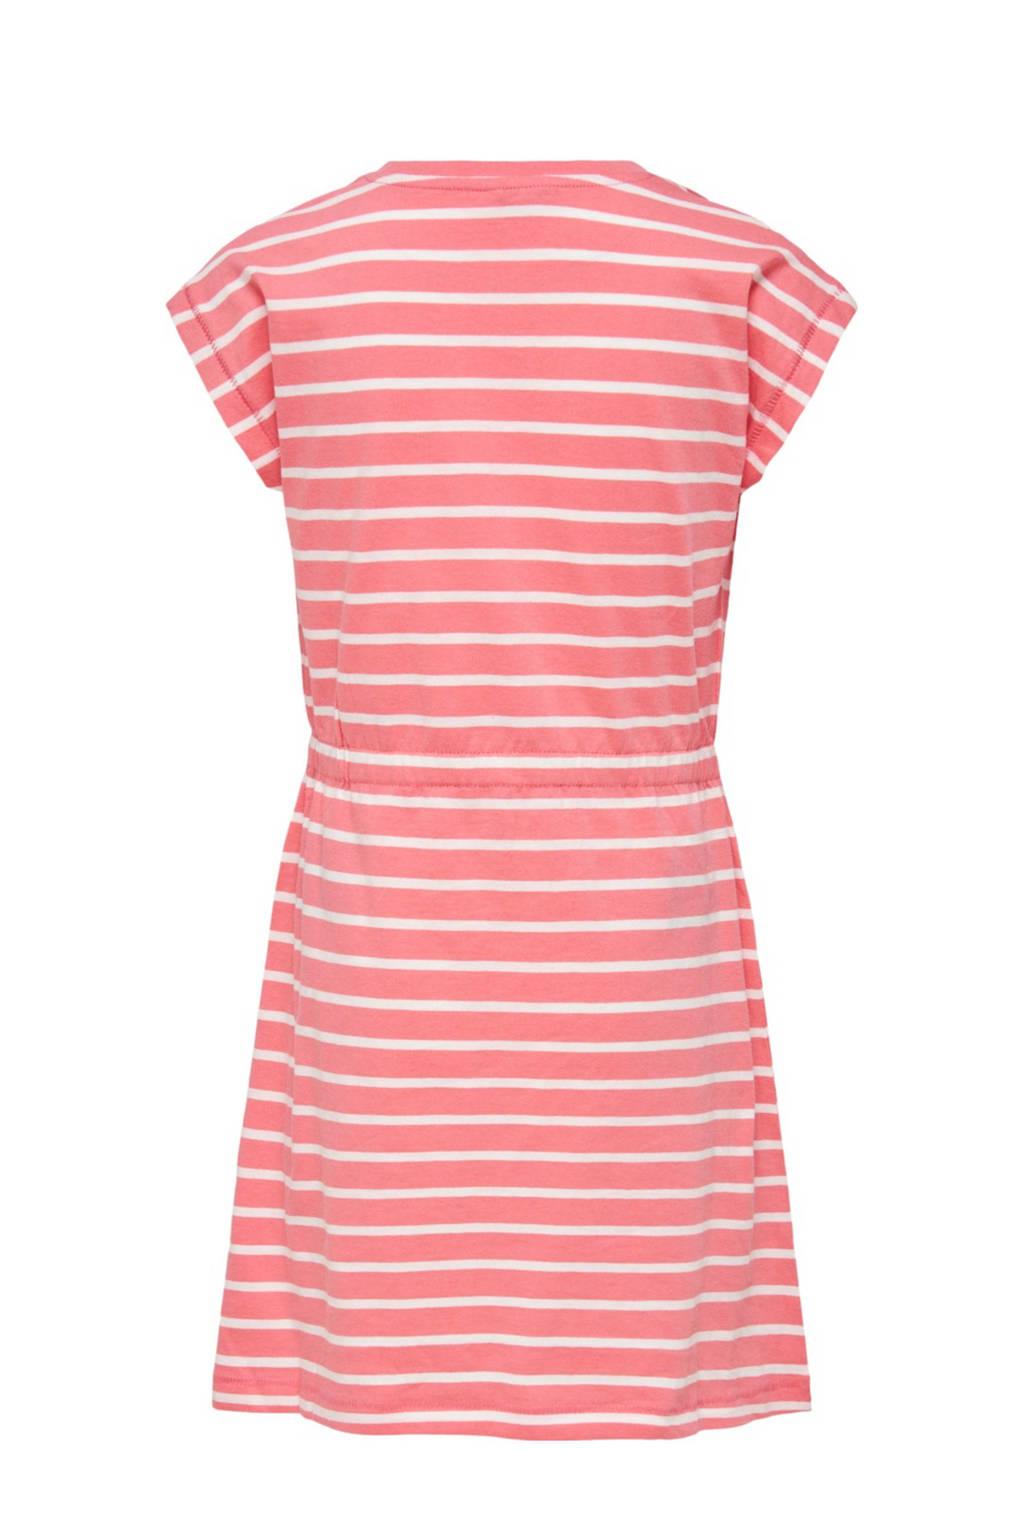 KIDS ONLY gestreepte A-lijn jurk May van biologisch katoen roze/wit, Roze/wit